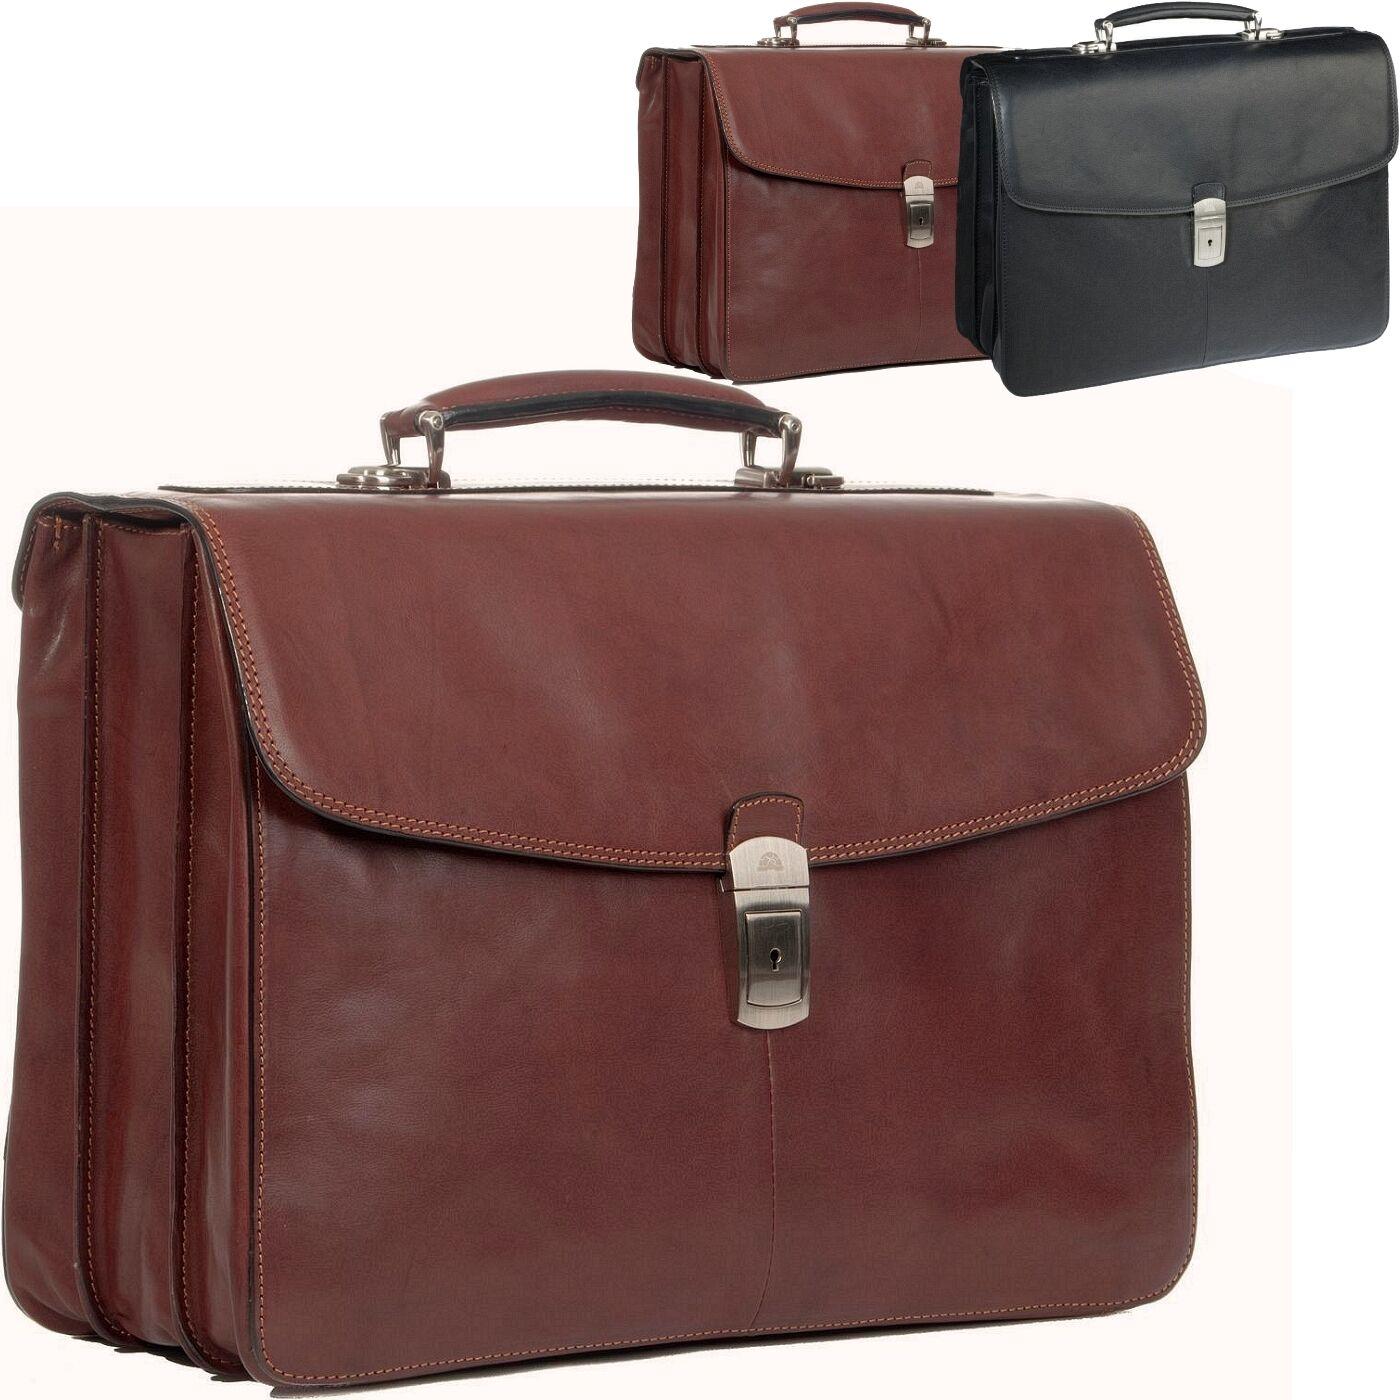 f2ccfffb08fdb ... TONY PEROTTI Tasche Studium Studium Studium Lehrertasche Aktentasche  Bürotasche Umhängetasche